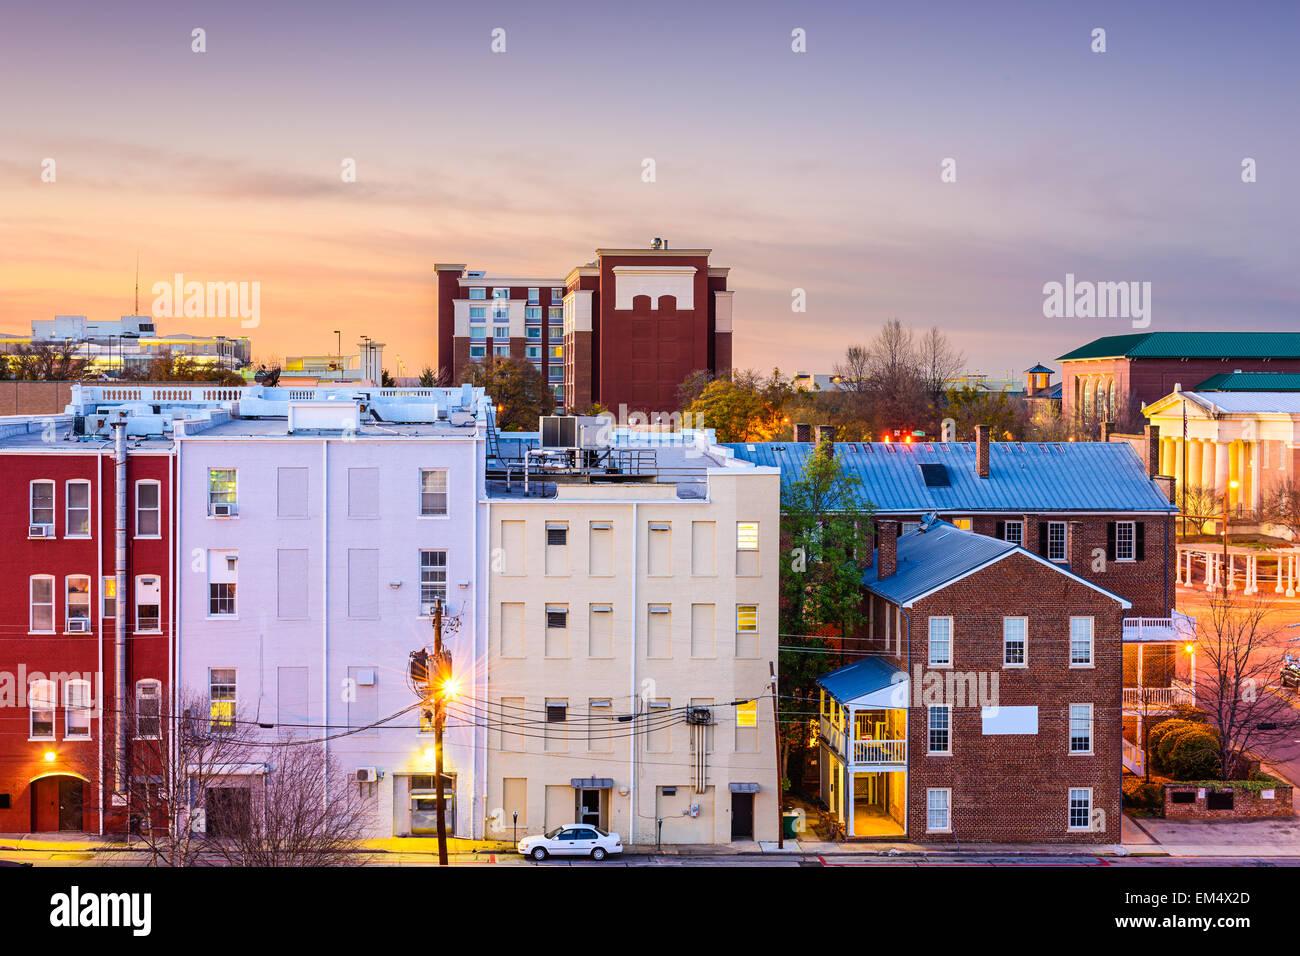 Atenas, Georgia, EE.UU. el centro de ciudad. Imagen De Stock